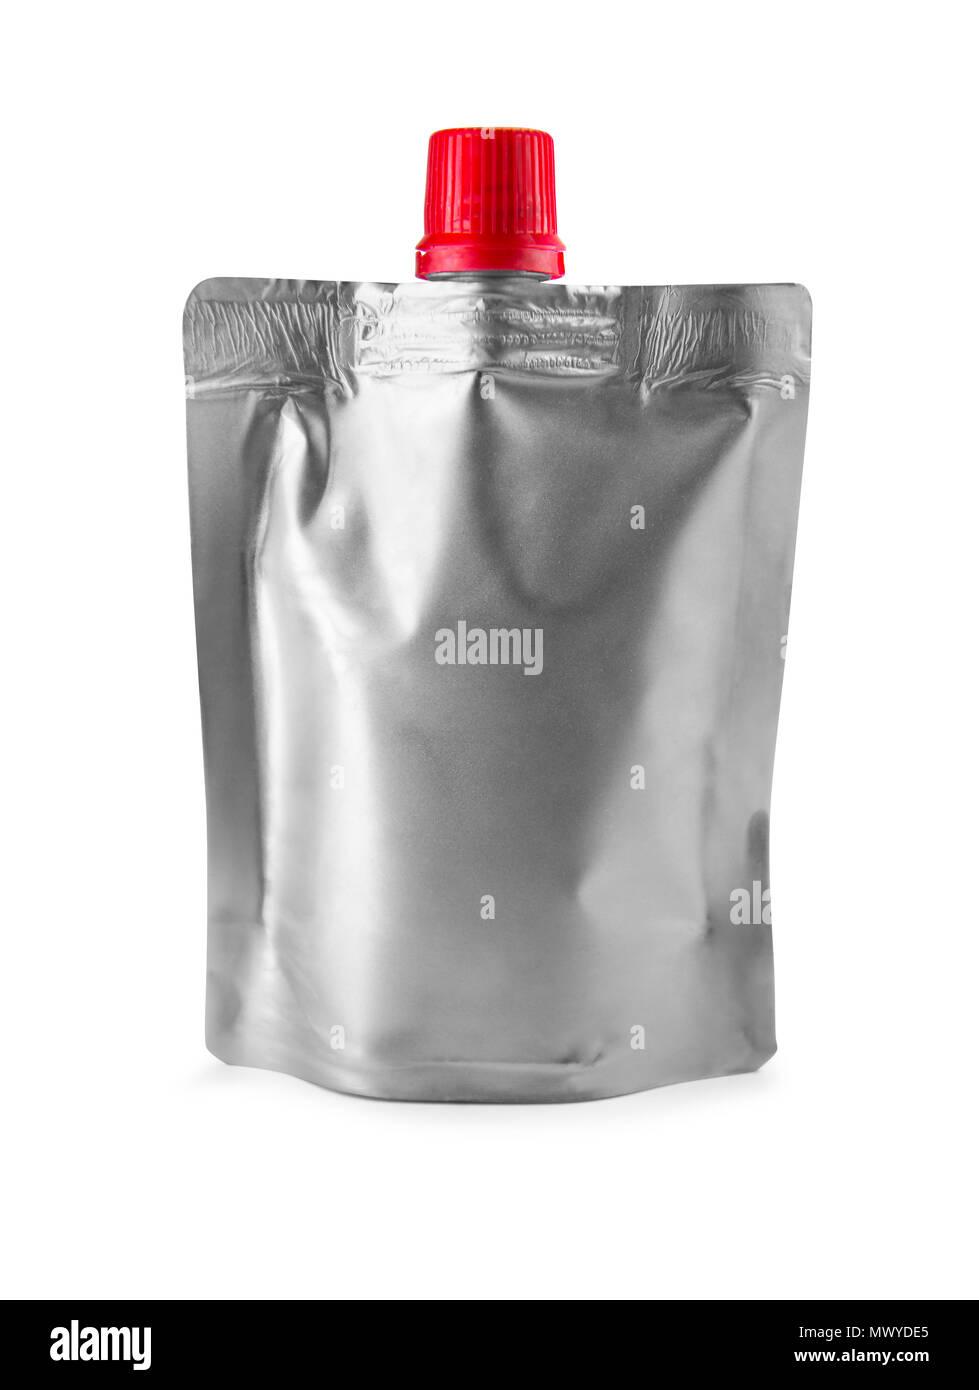 aluminum doy-pack on white background - Stock Image